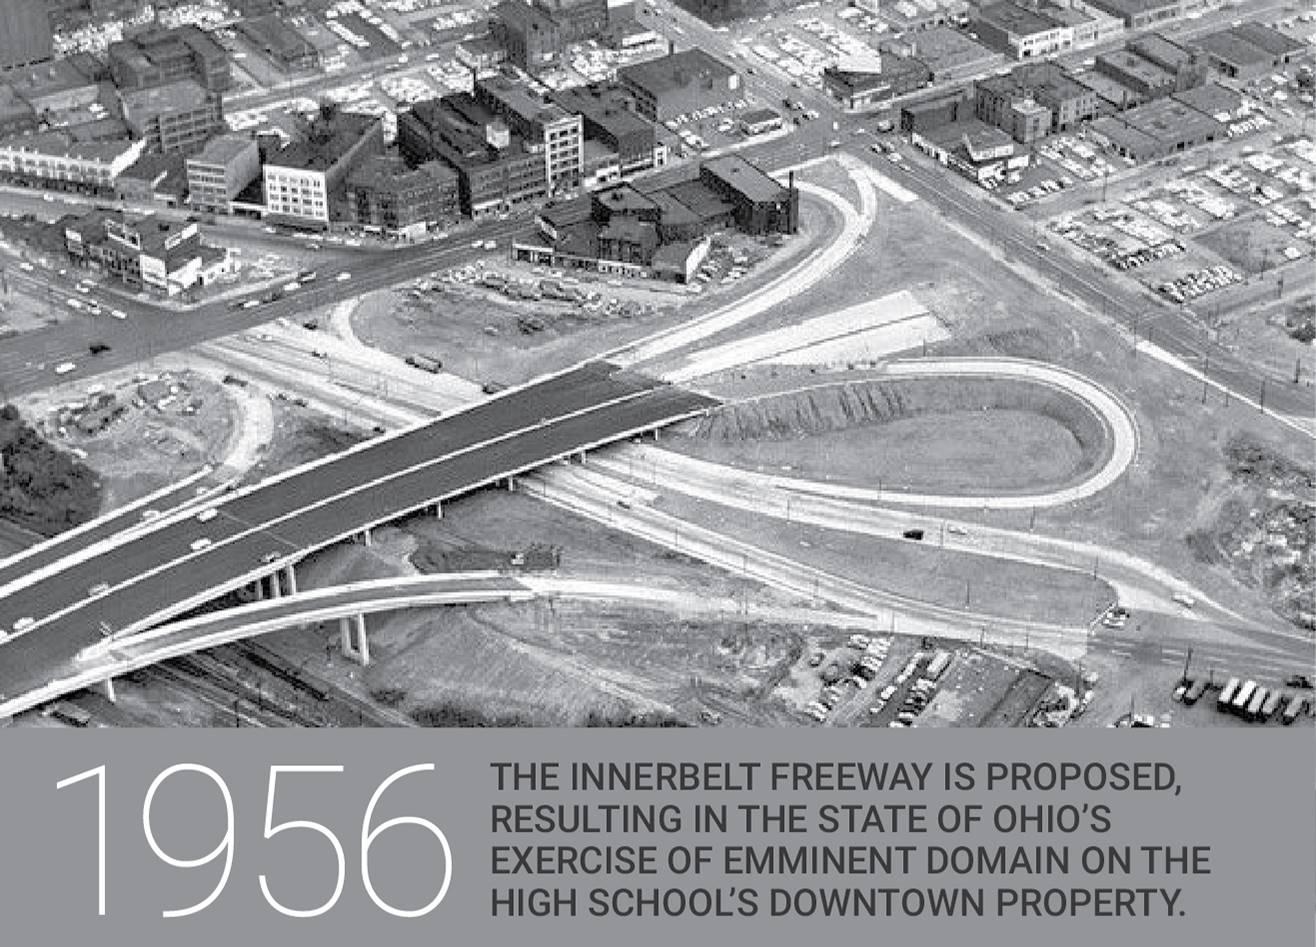 1956_innerbelt